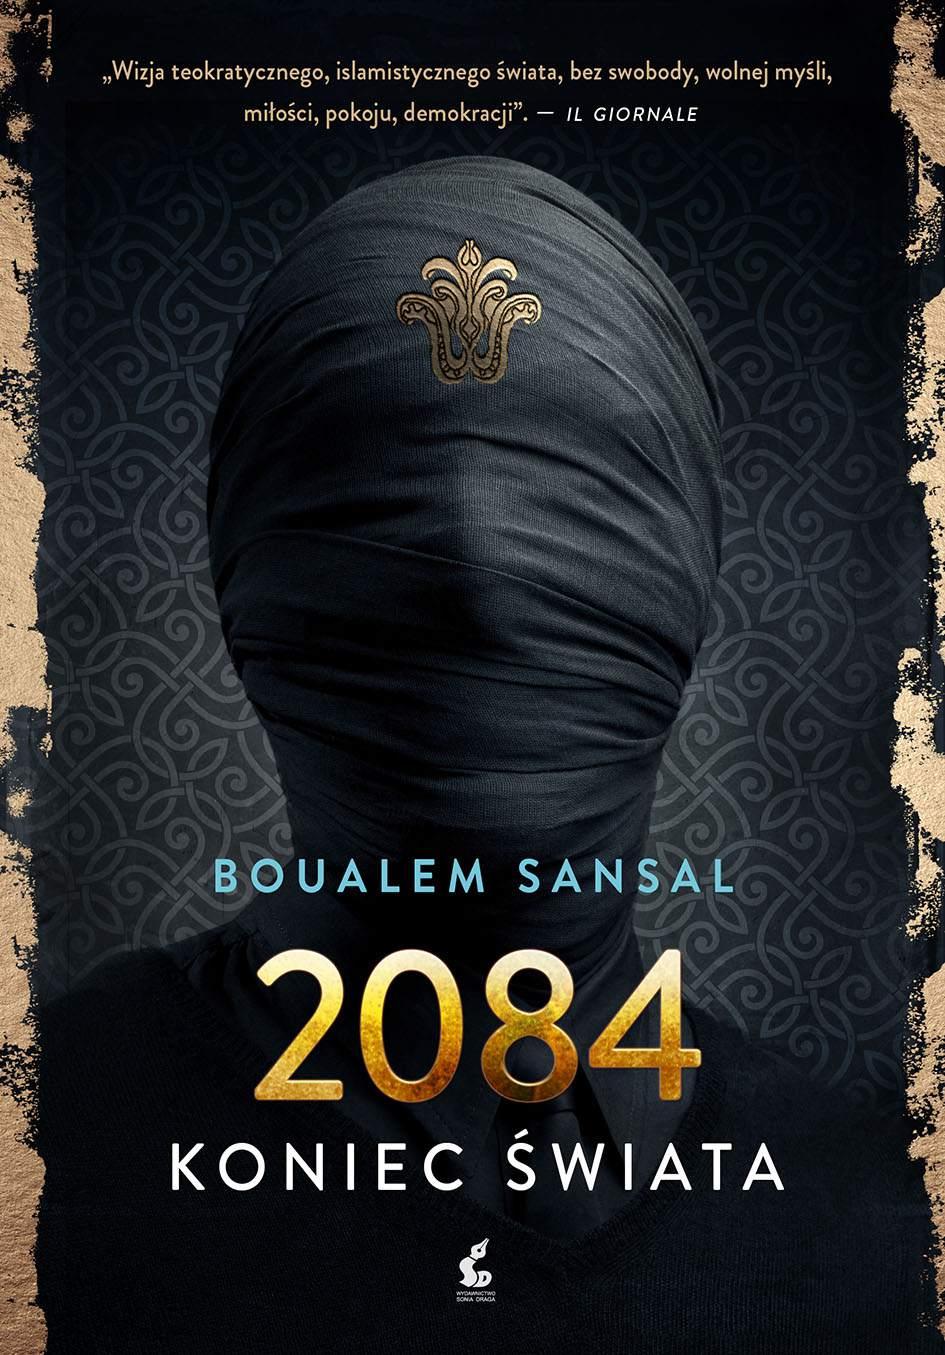 2084 koniec świata - Ebook (Książka na Kindle) do pobrania w formacie MOBI